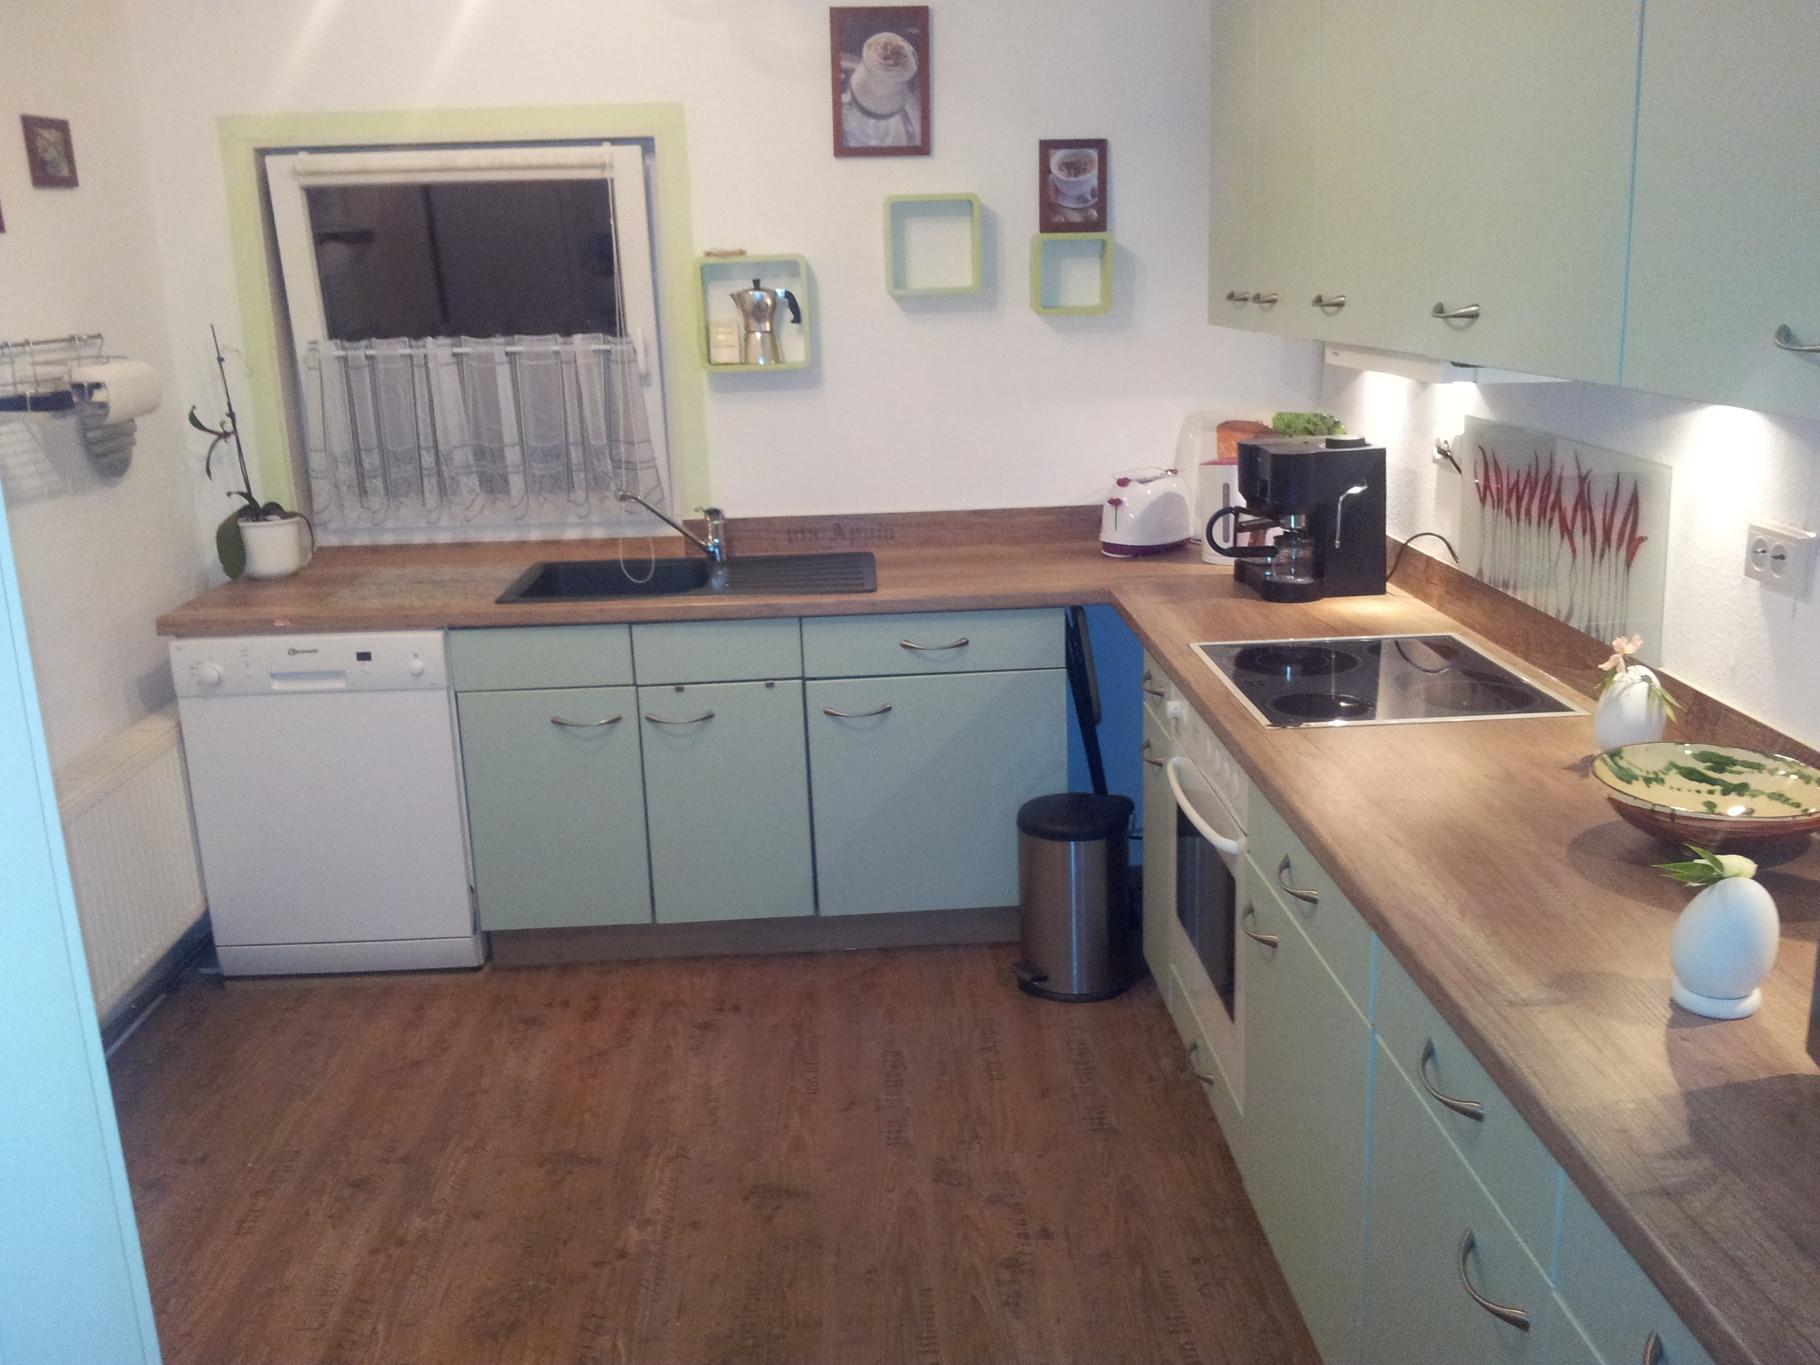 bernachtung monteurwohnung ferienwohnung neum nster. Black Bedroom Furniture Sets. Home Design Ideas